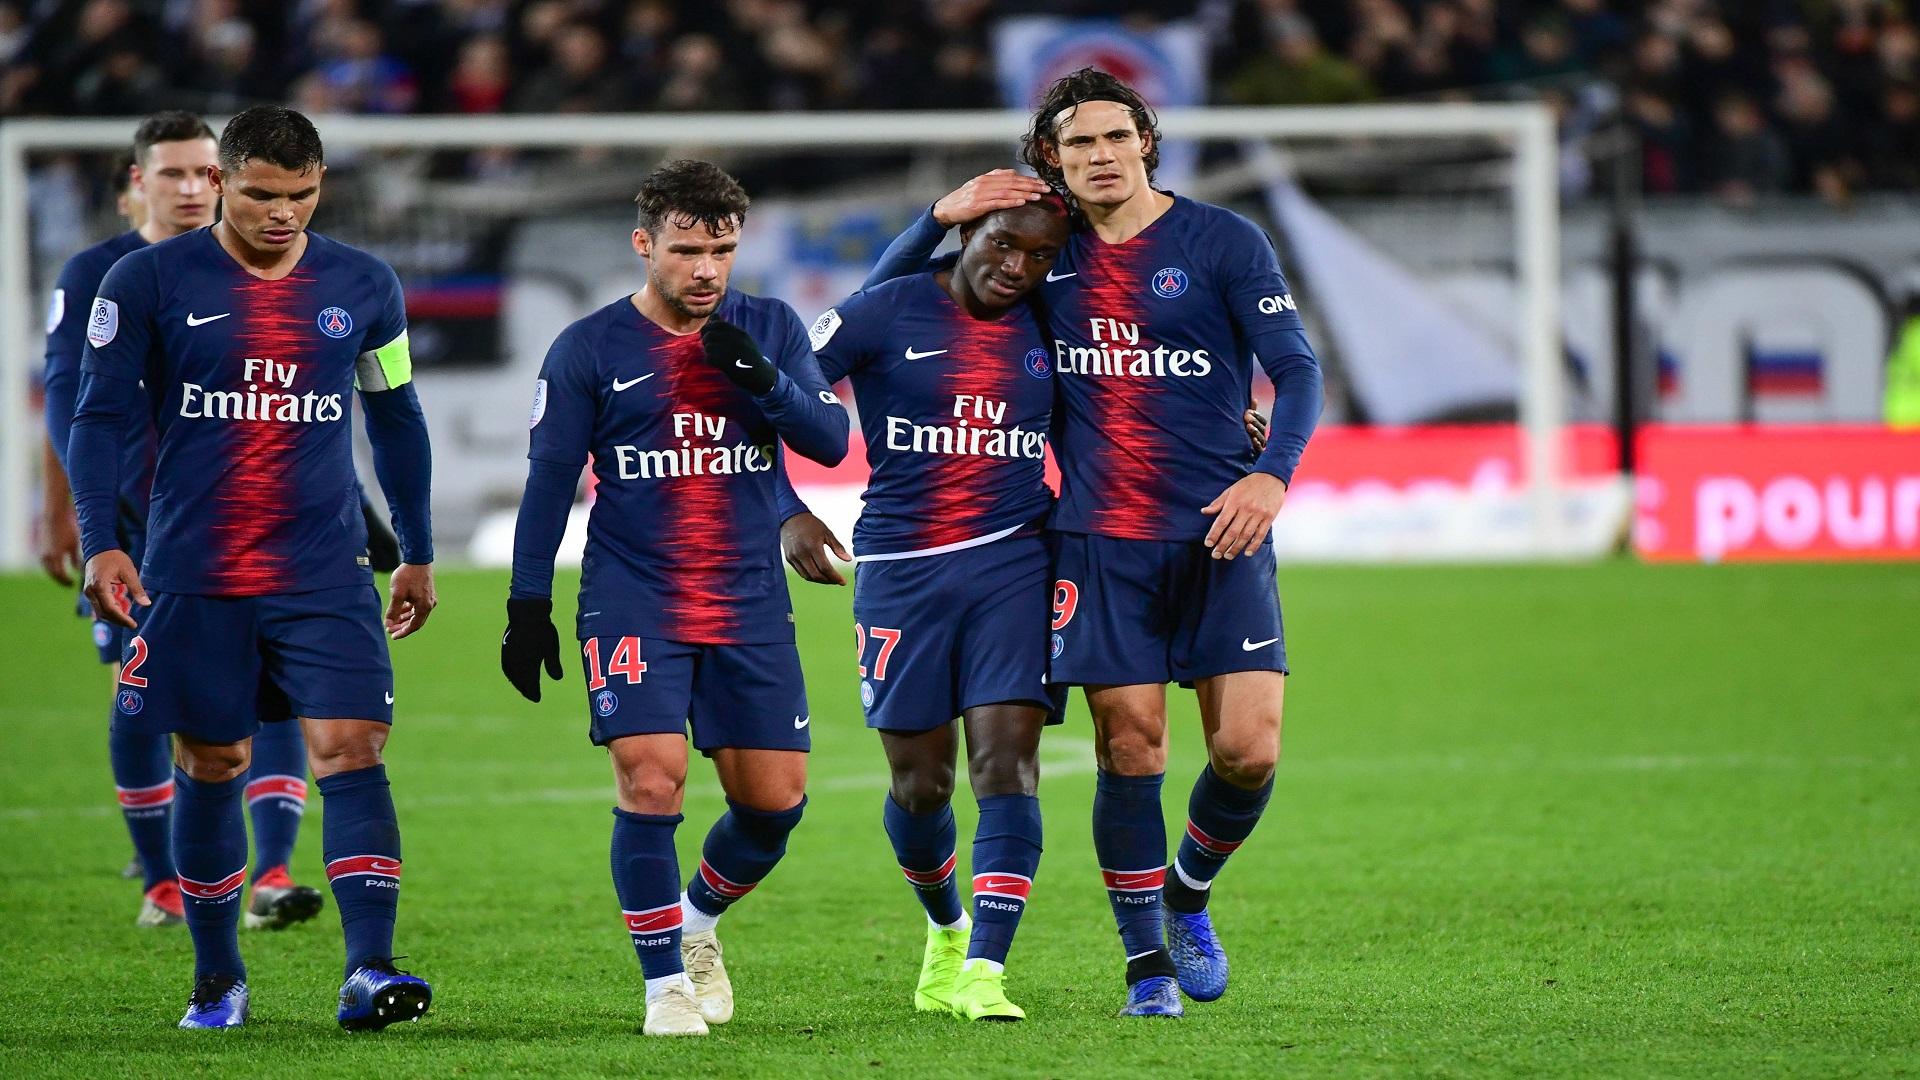 ليوناردو ي علن رحيل 5 لاعبين عن باريس سان جيرمان